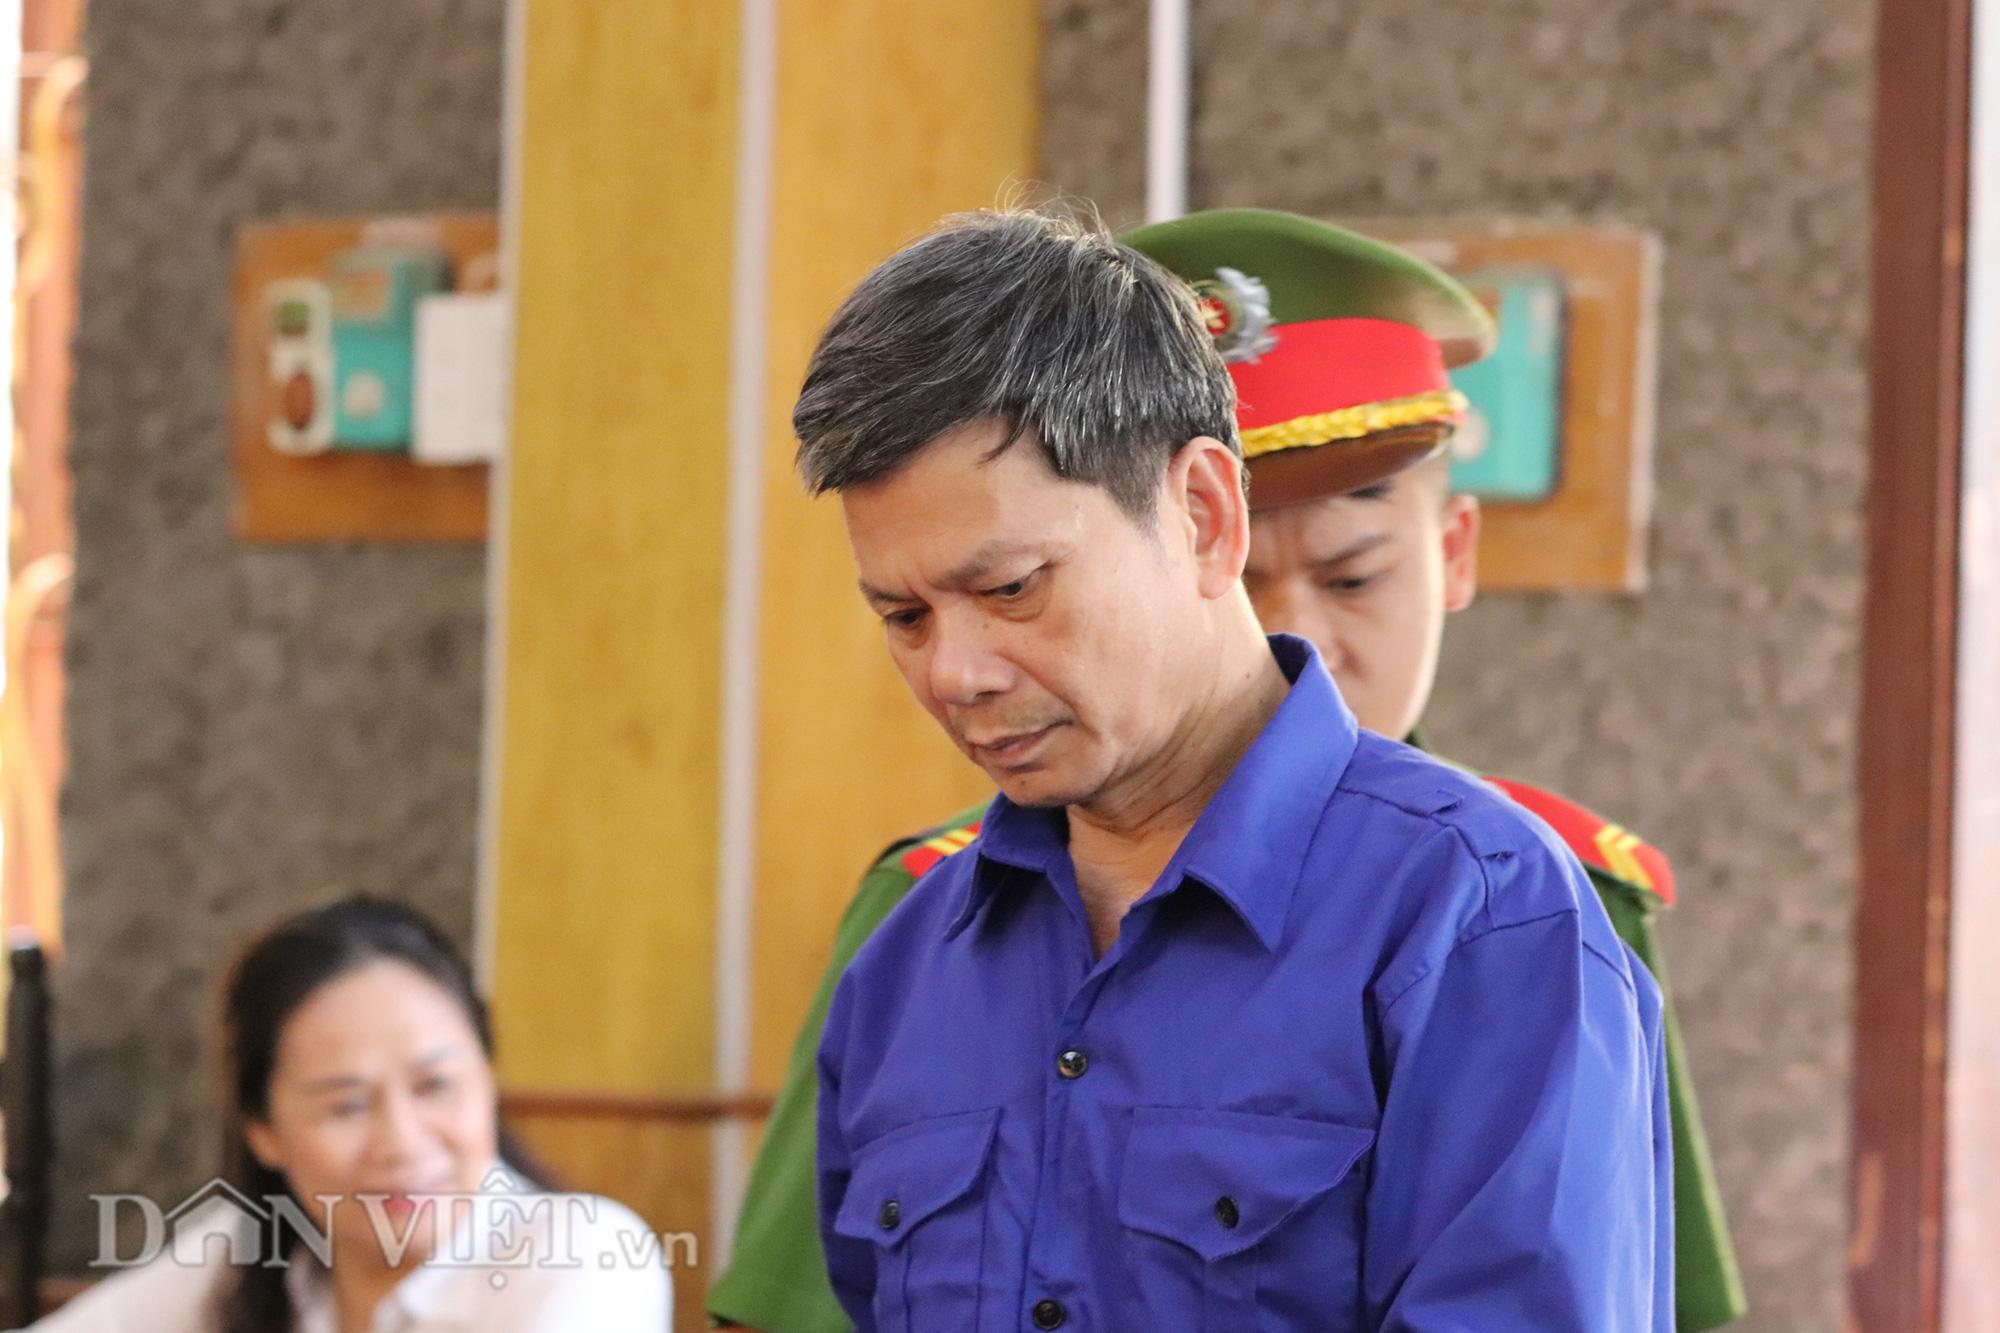 Cựu Trưởng phòng khảo thí bị xử phạt 21 năm tù - Ảnh 1.